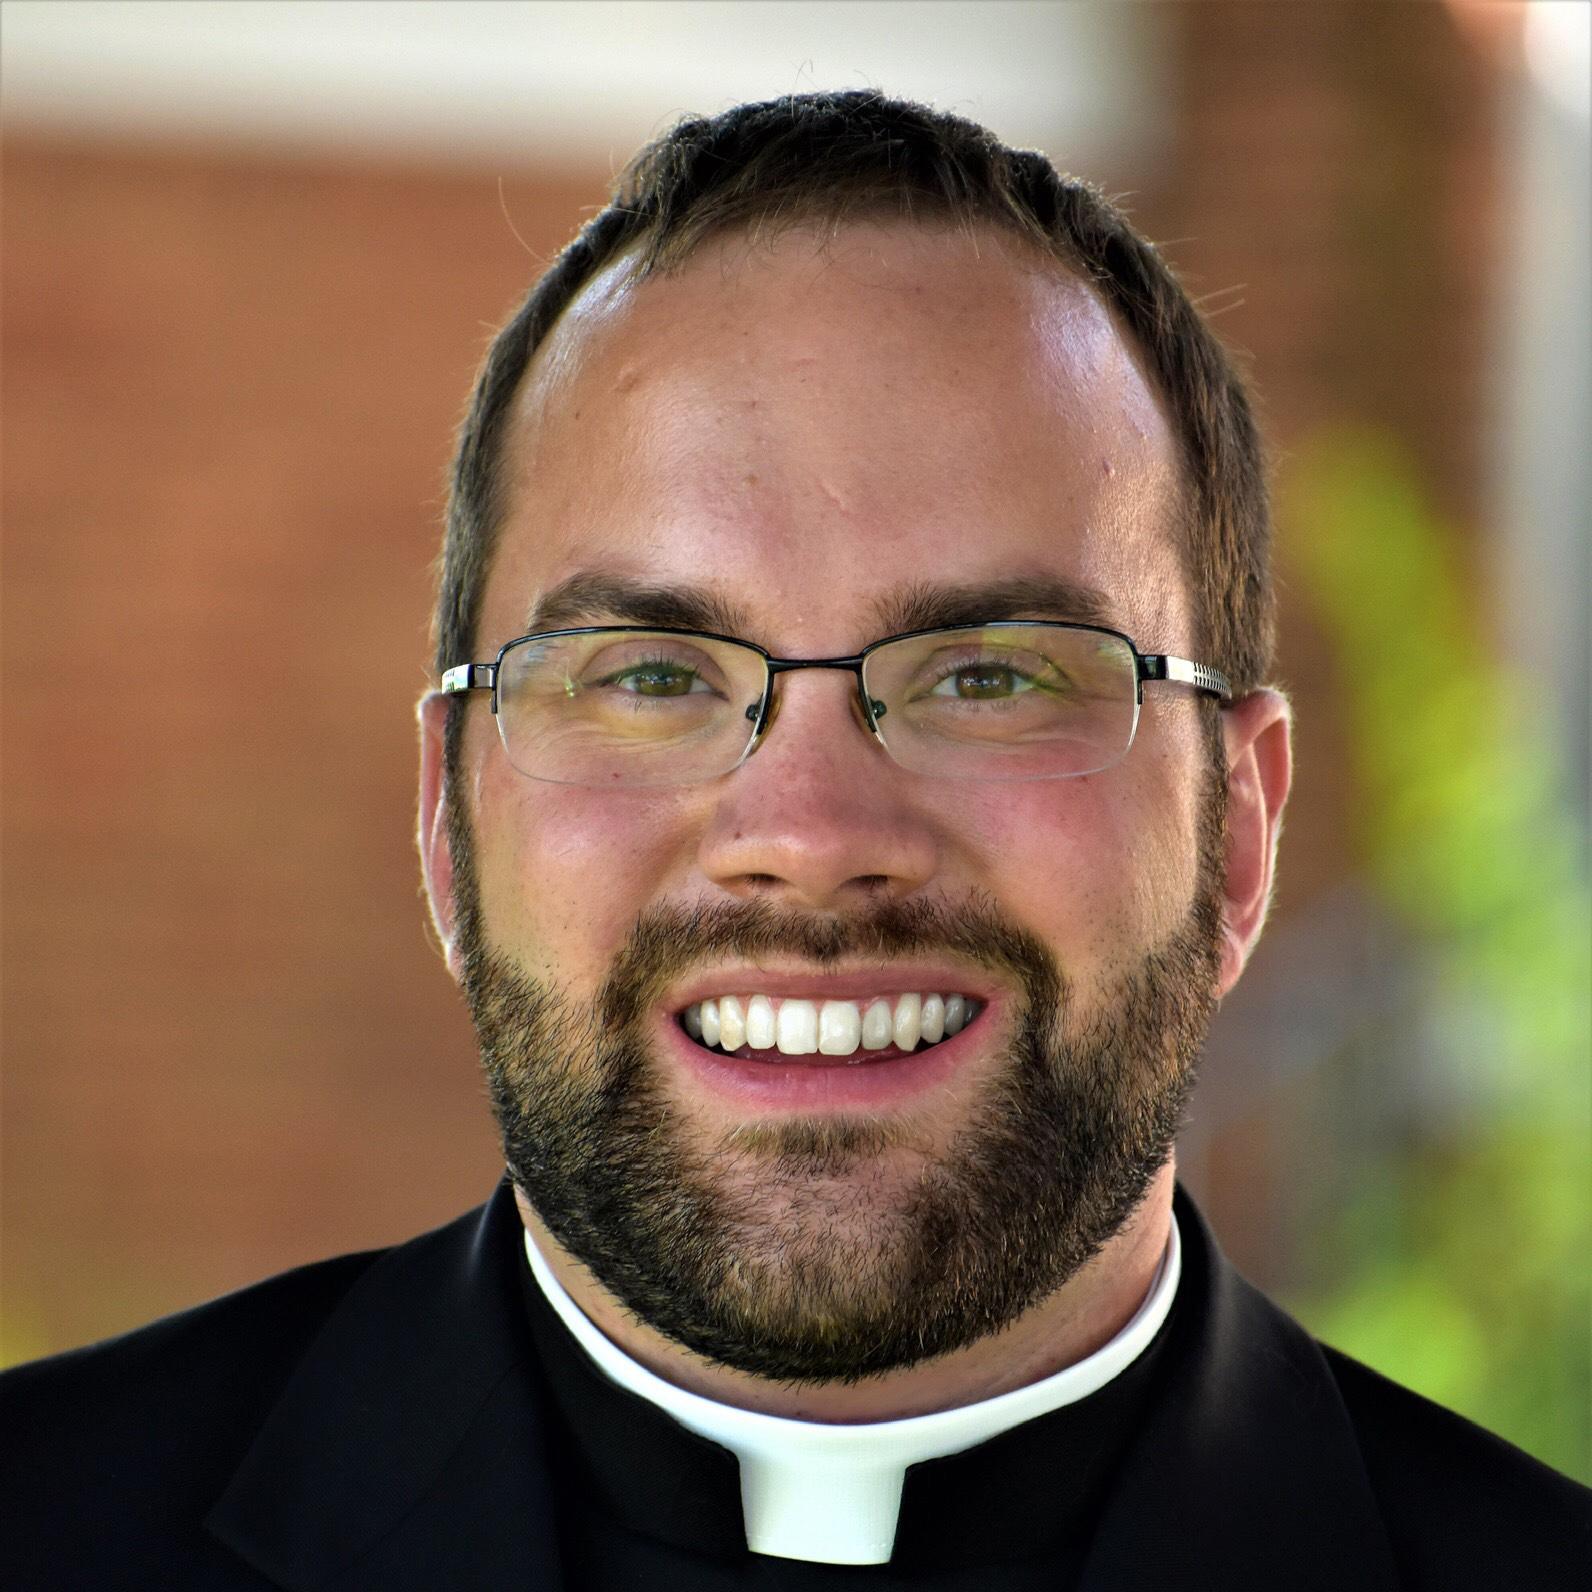 Fr Edward Looney